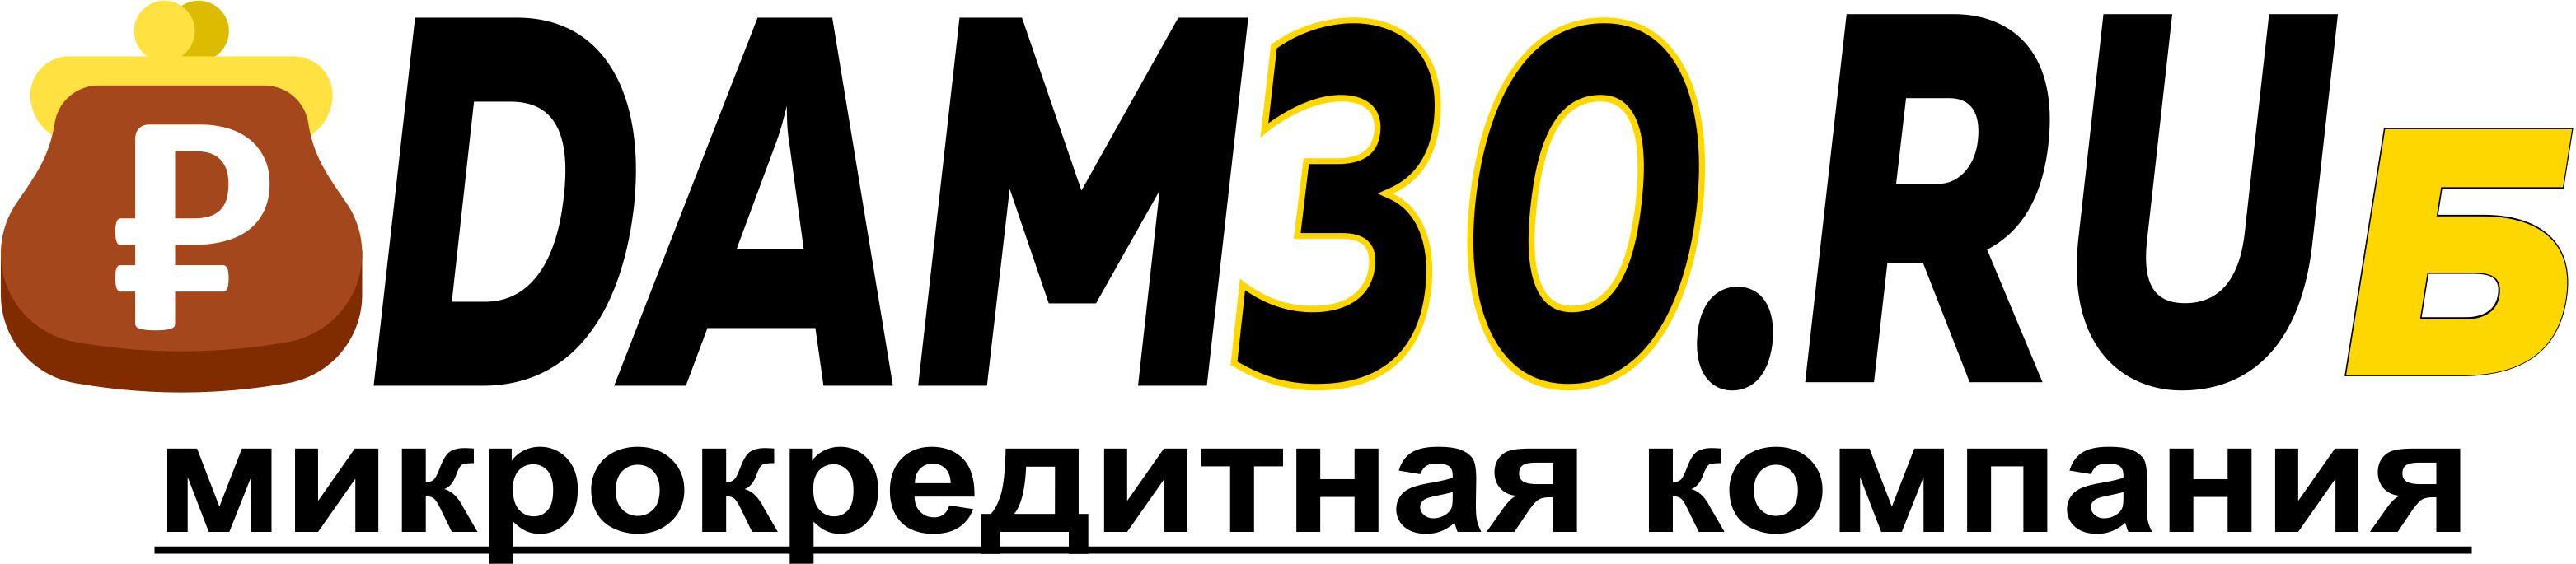 Логотип для микрокредитной, микрофинансовой компании фото f_3995a3128284b7ed.jpg